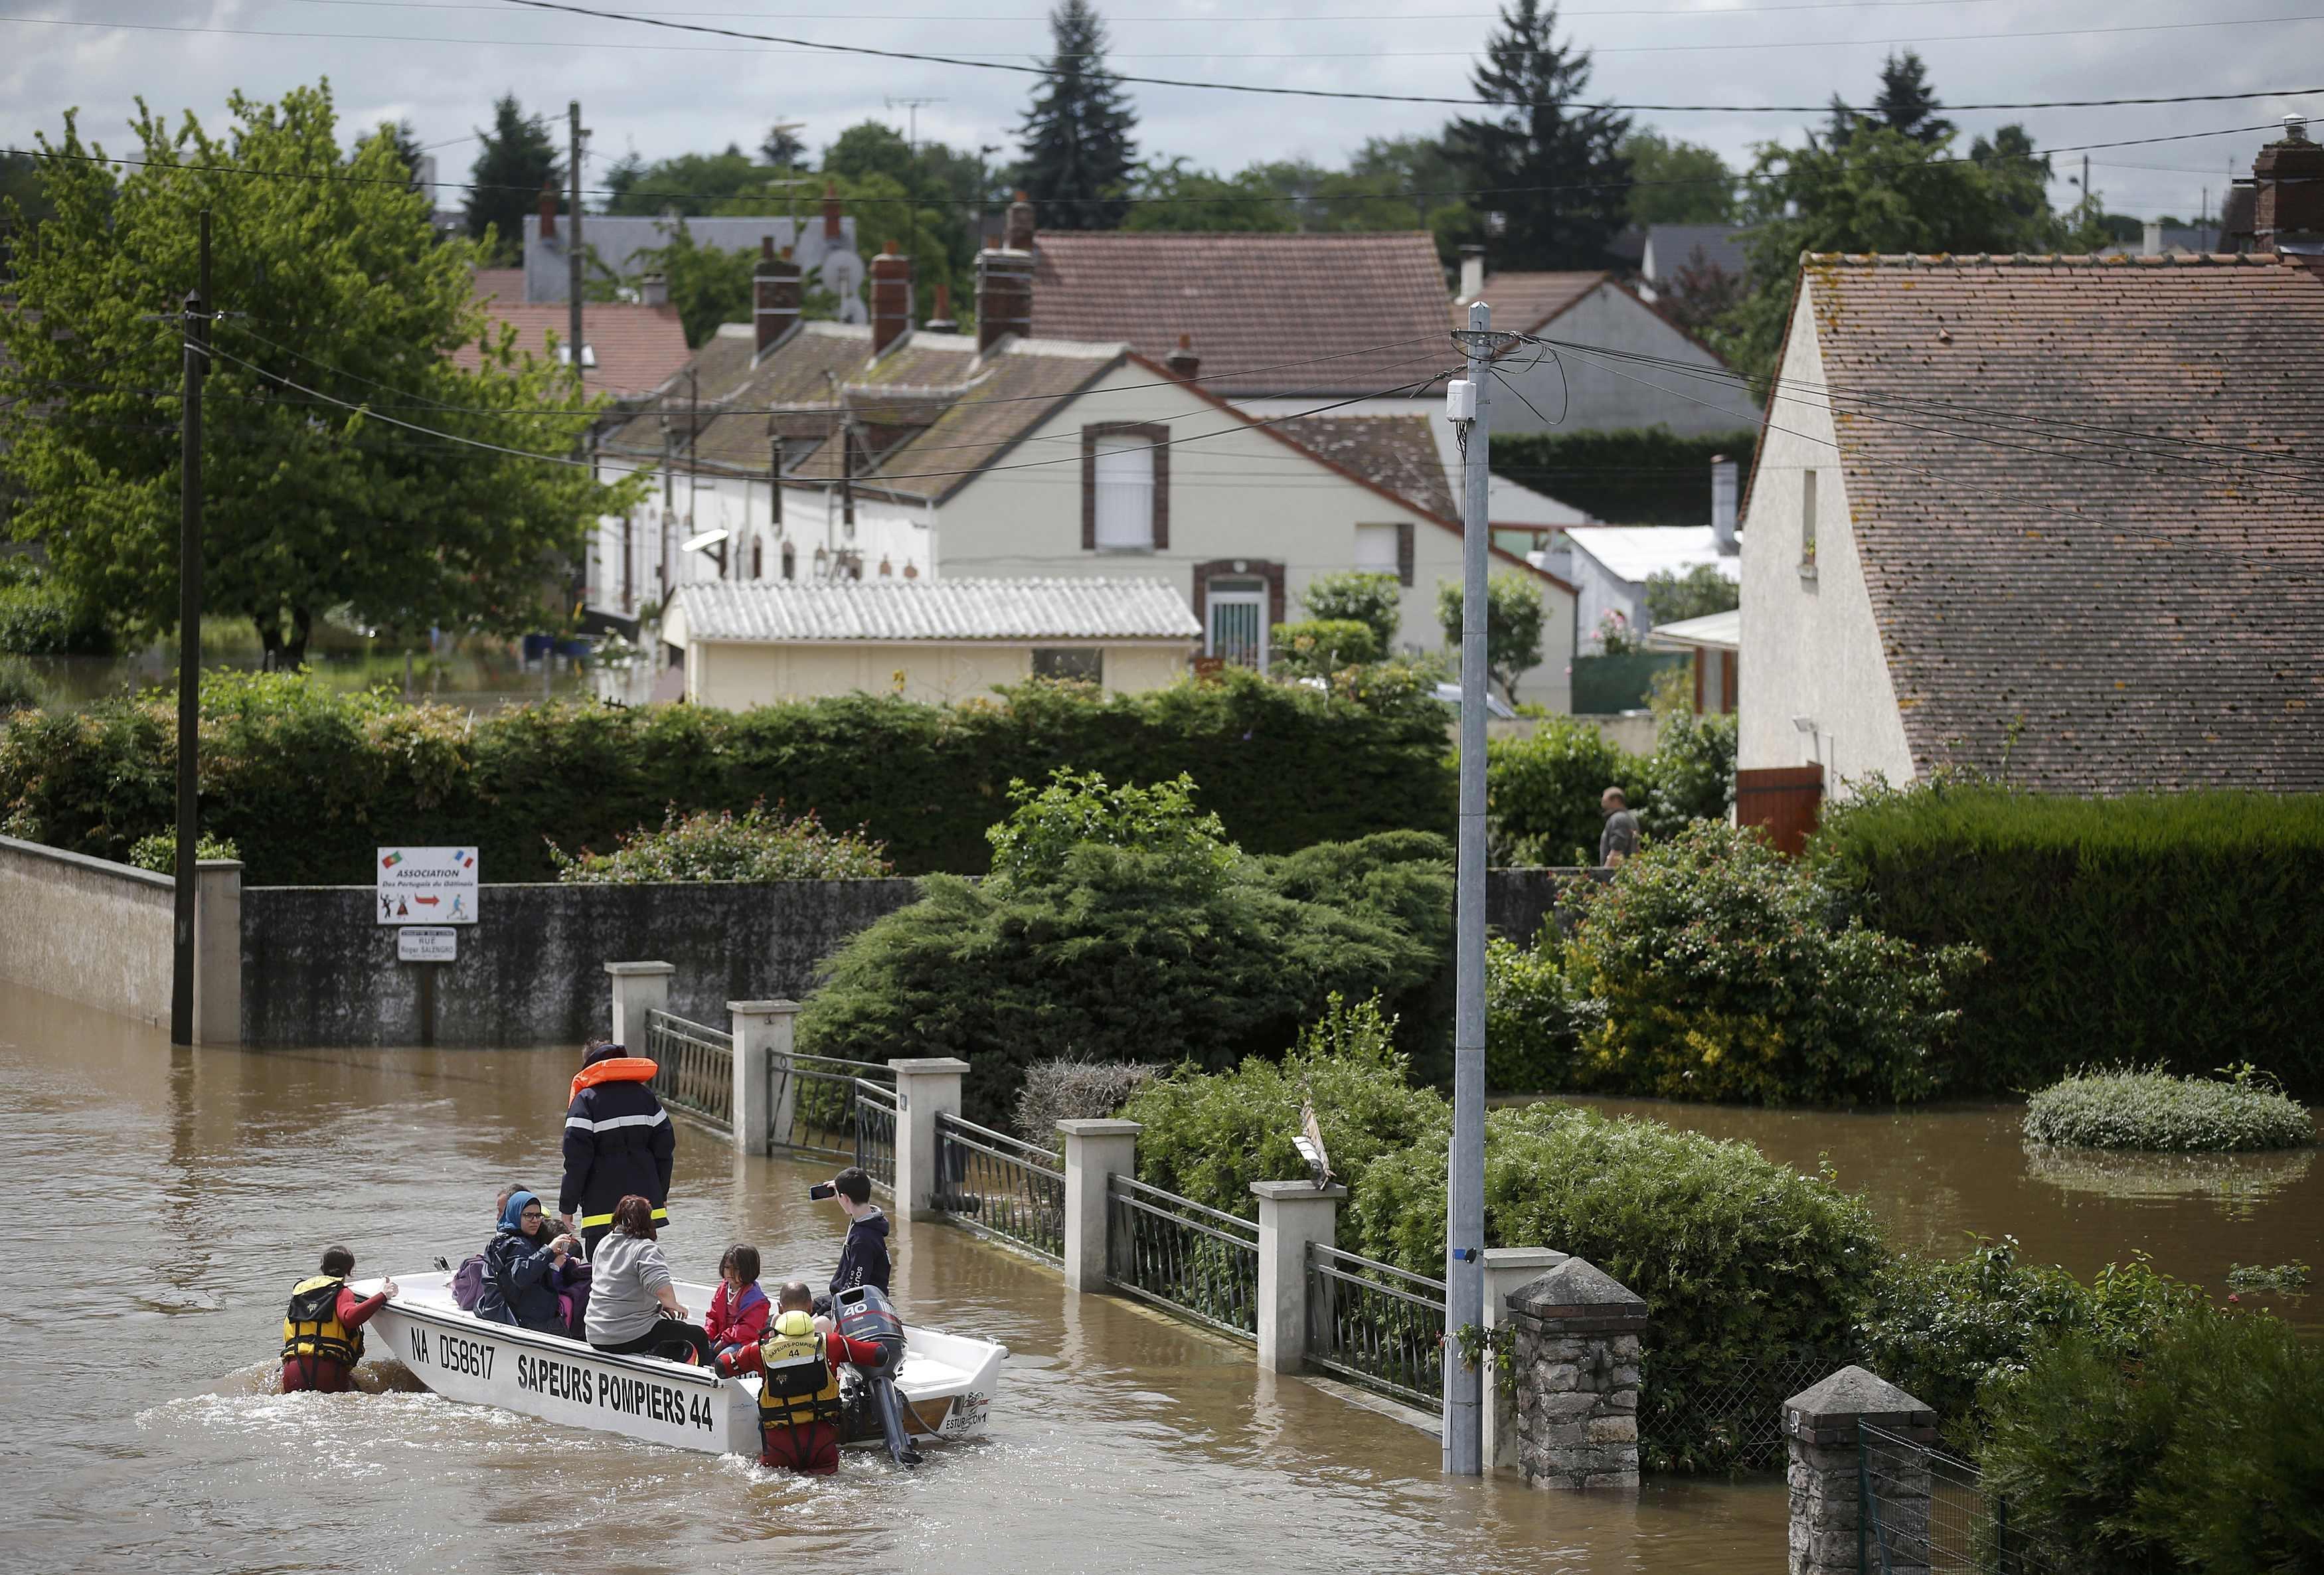 Những ngôi nhà chìm trong biển nước ở Chalette-sur-Loing do mưa lớn nhiều ngày qua (Ảnh: Reuters)